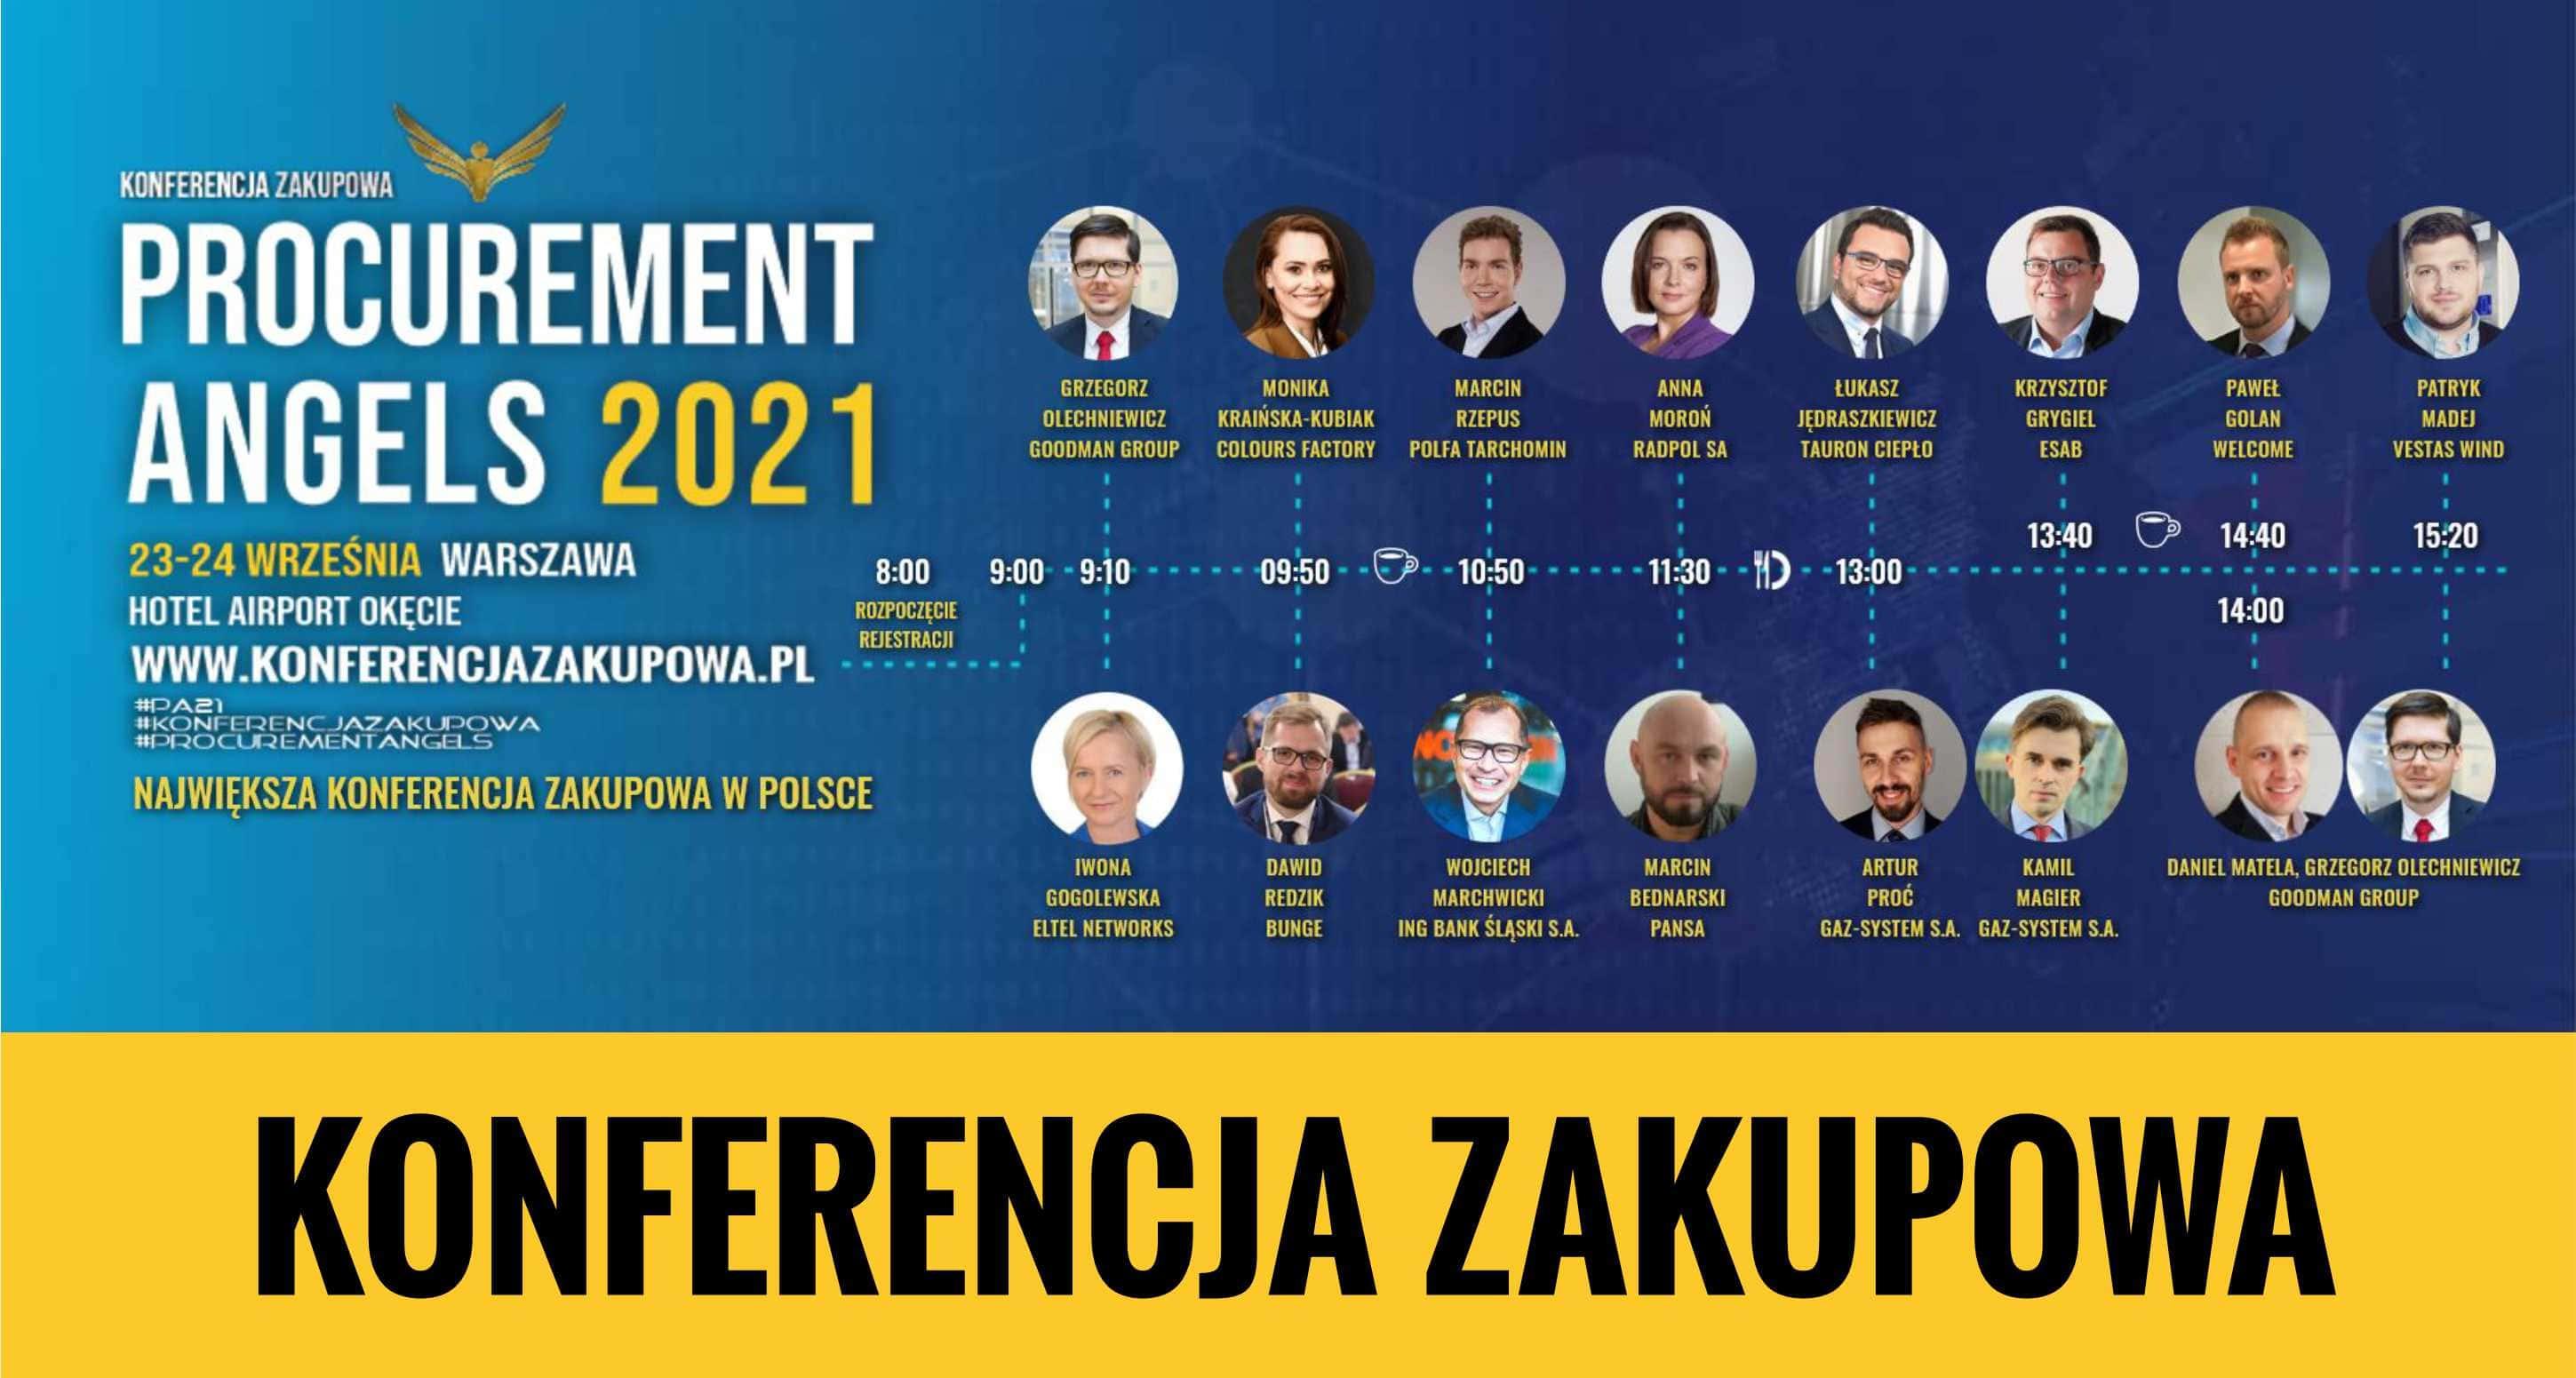 konferencja zakupowa, forum zakupów, procurement conference